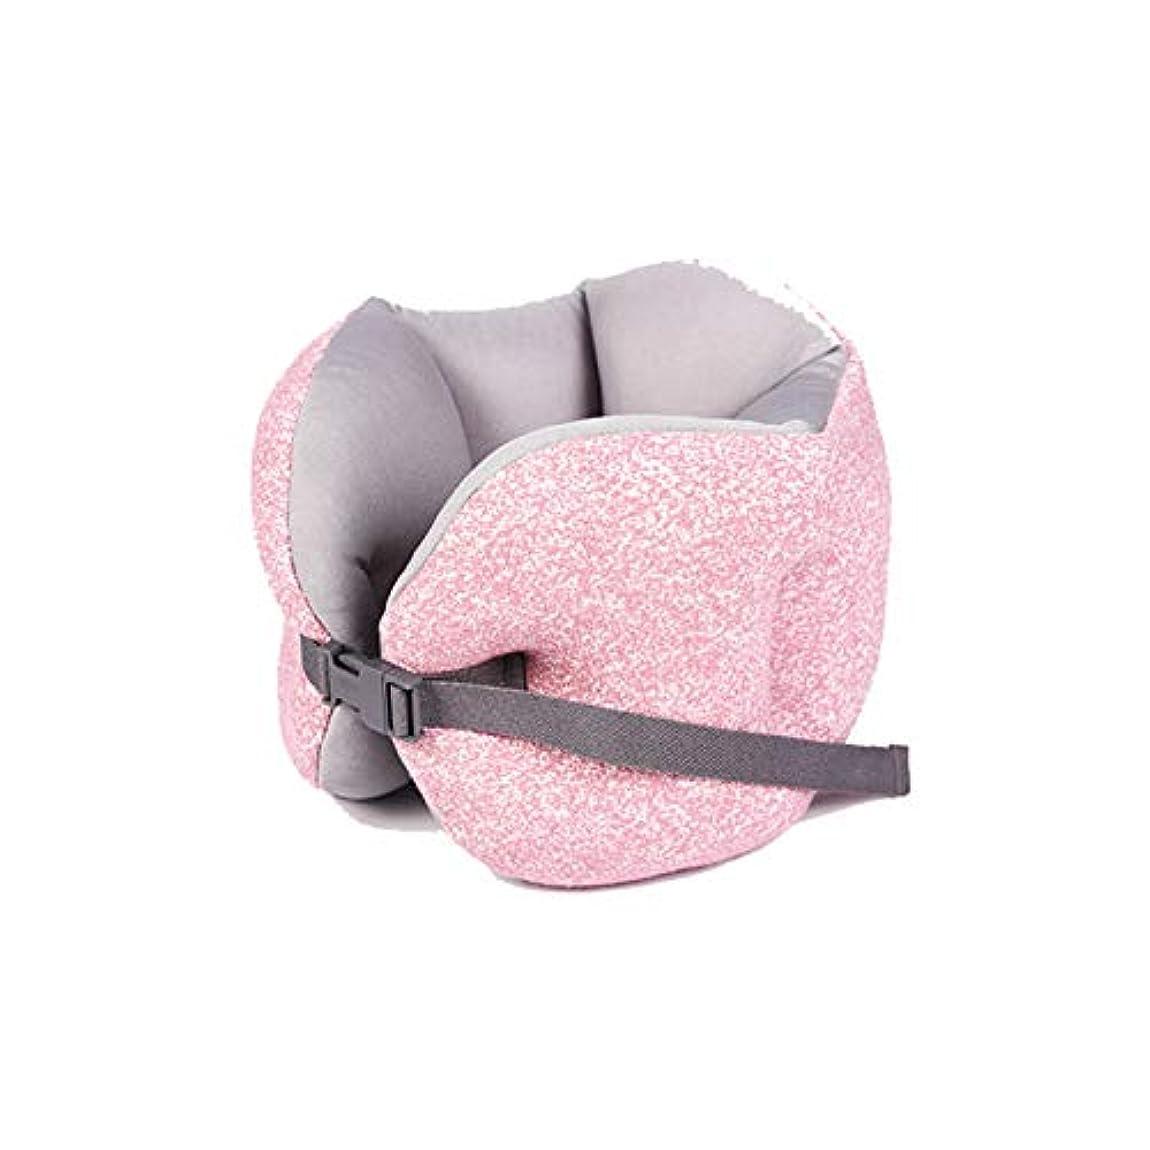 余剰彫刻隔離するSMART ホームオフィス背もたれ椅子腰椎クッションカーシートネック枕 3D 低反発サポートバックマッサージウエストレスリビング枕 クッション 椅子